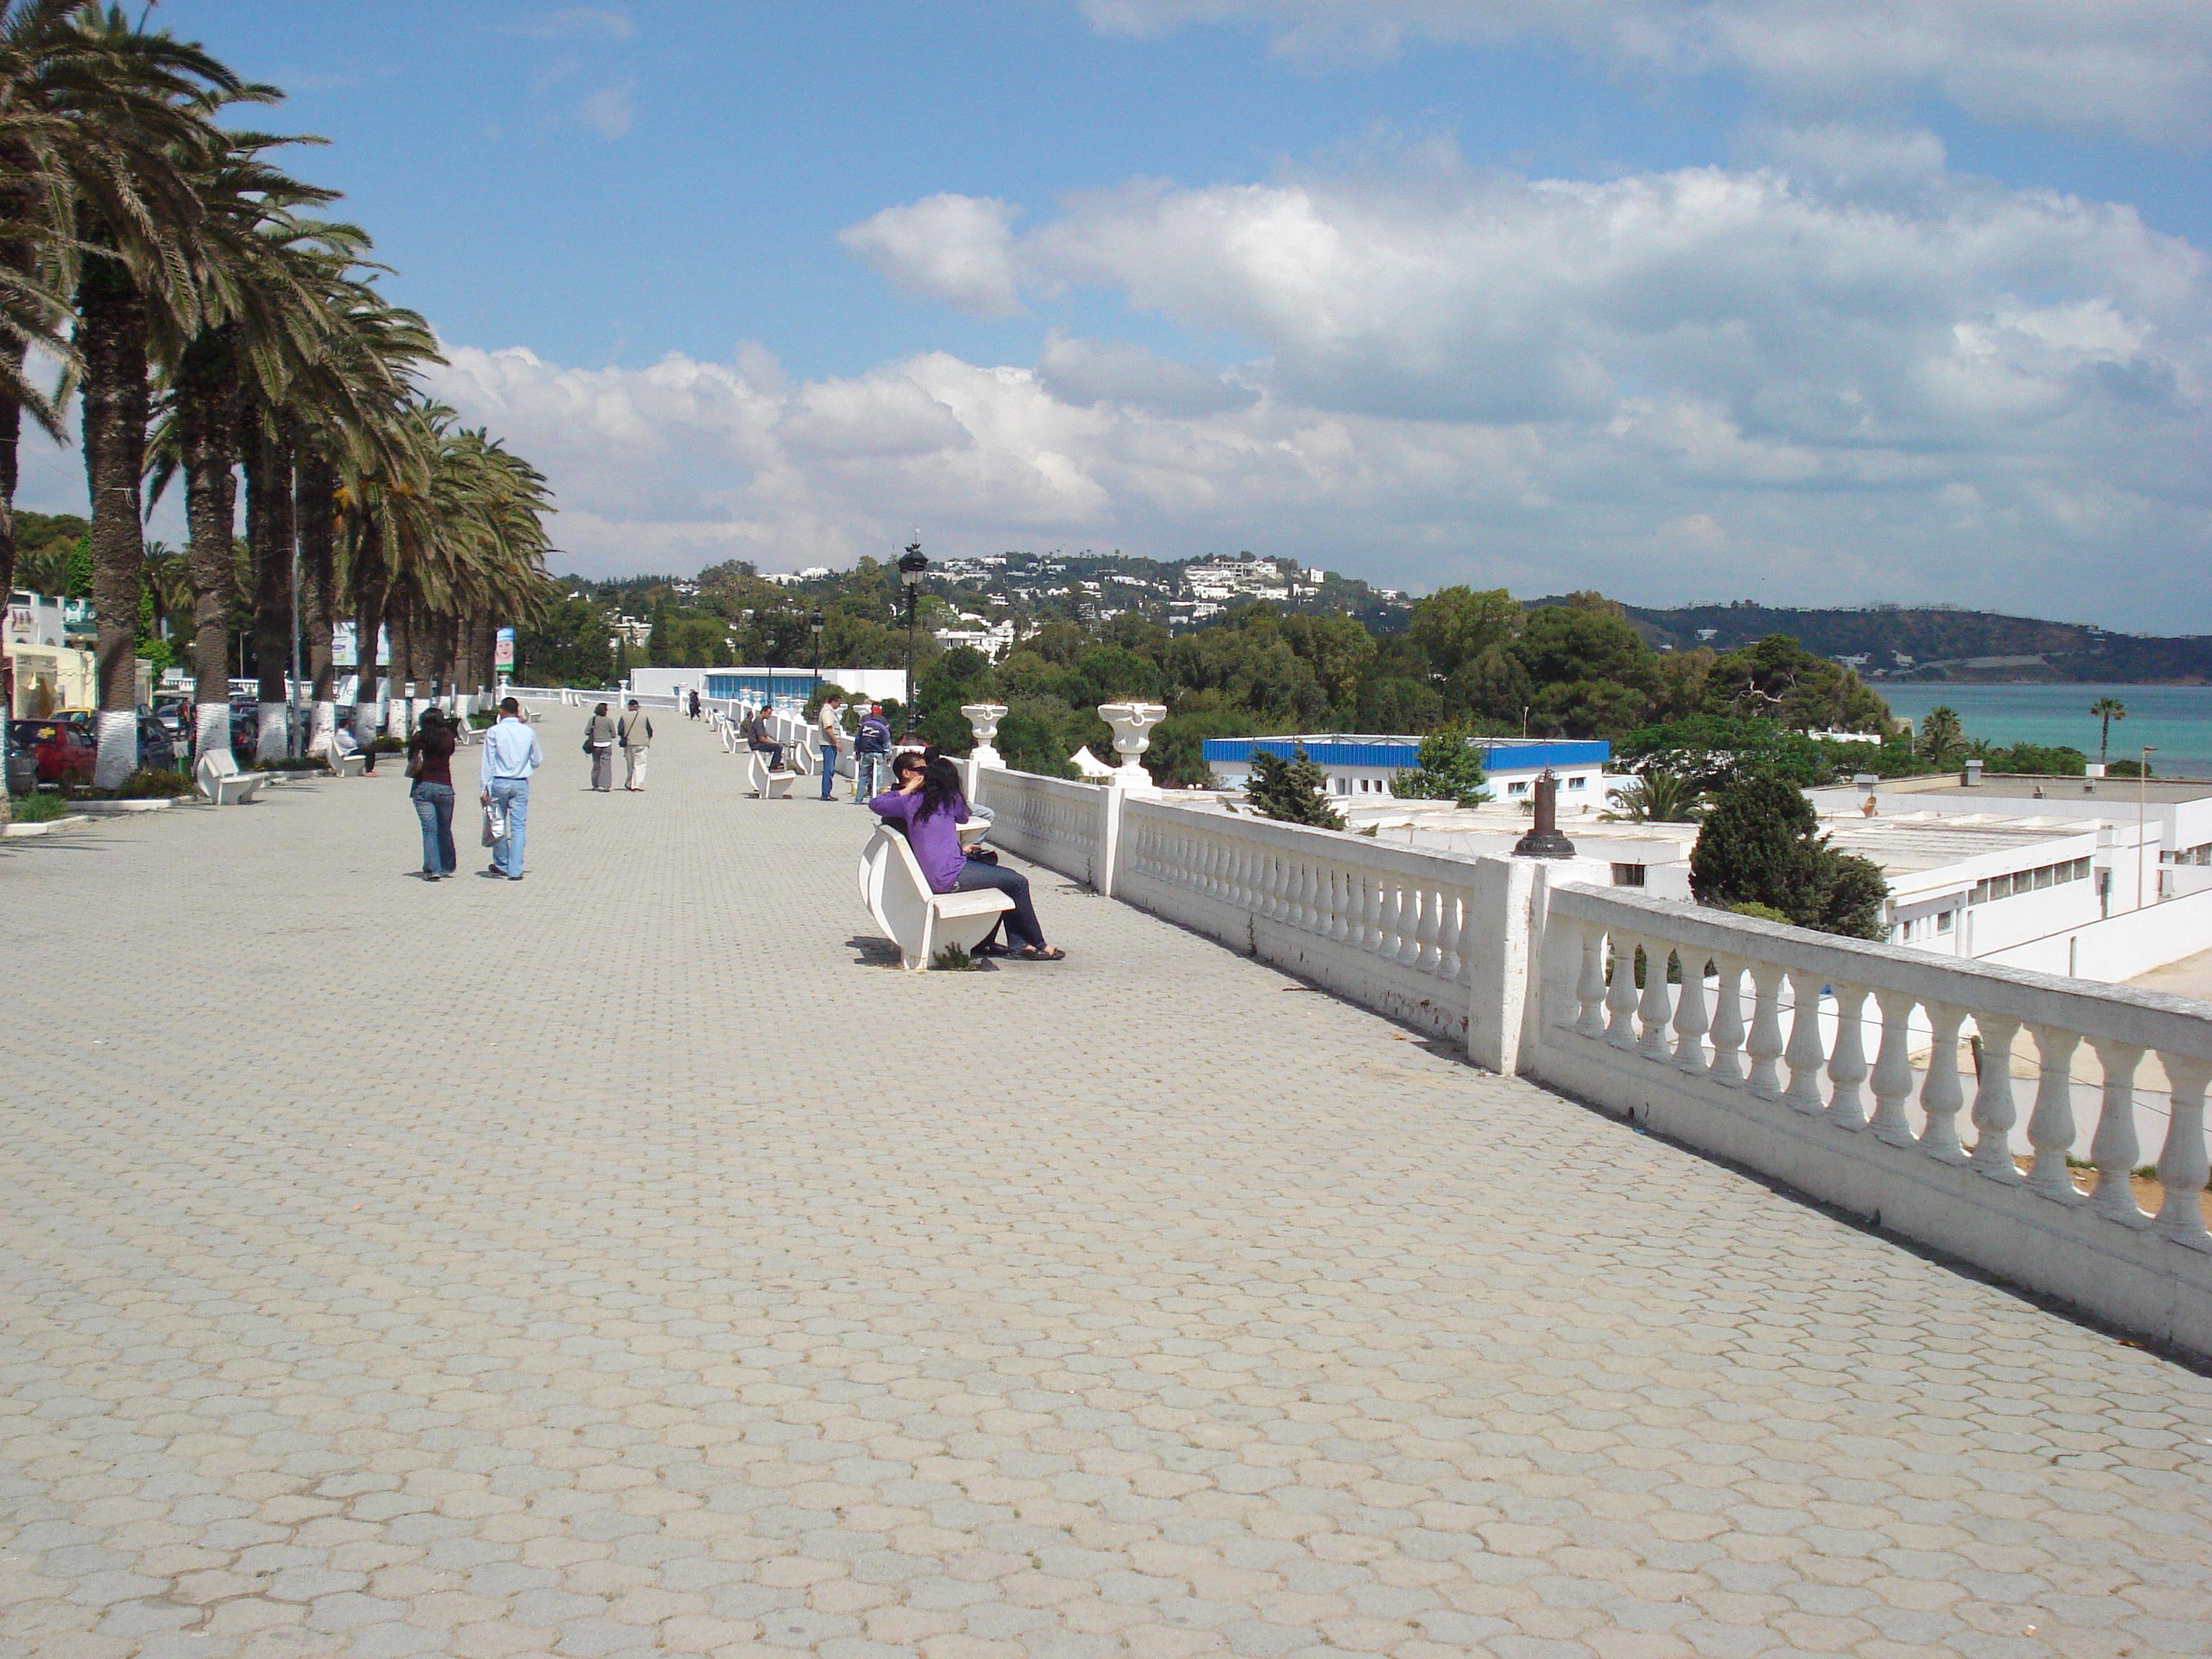 التعريف بتونس كبلد سياحي المعلومات Corniche_La_Marsa_Plage_2.jpg